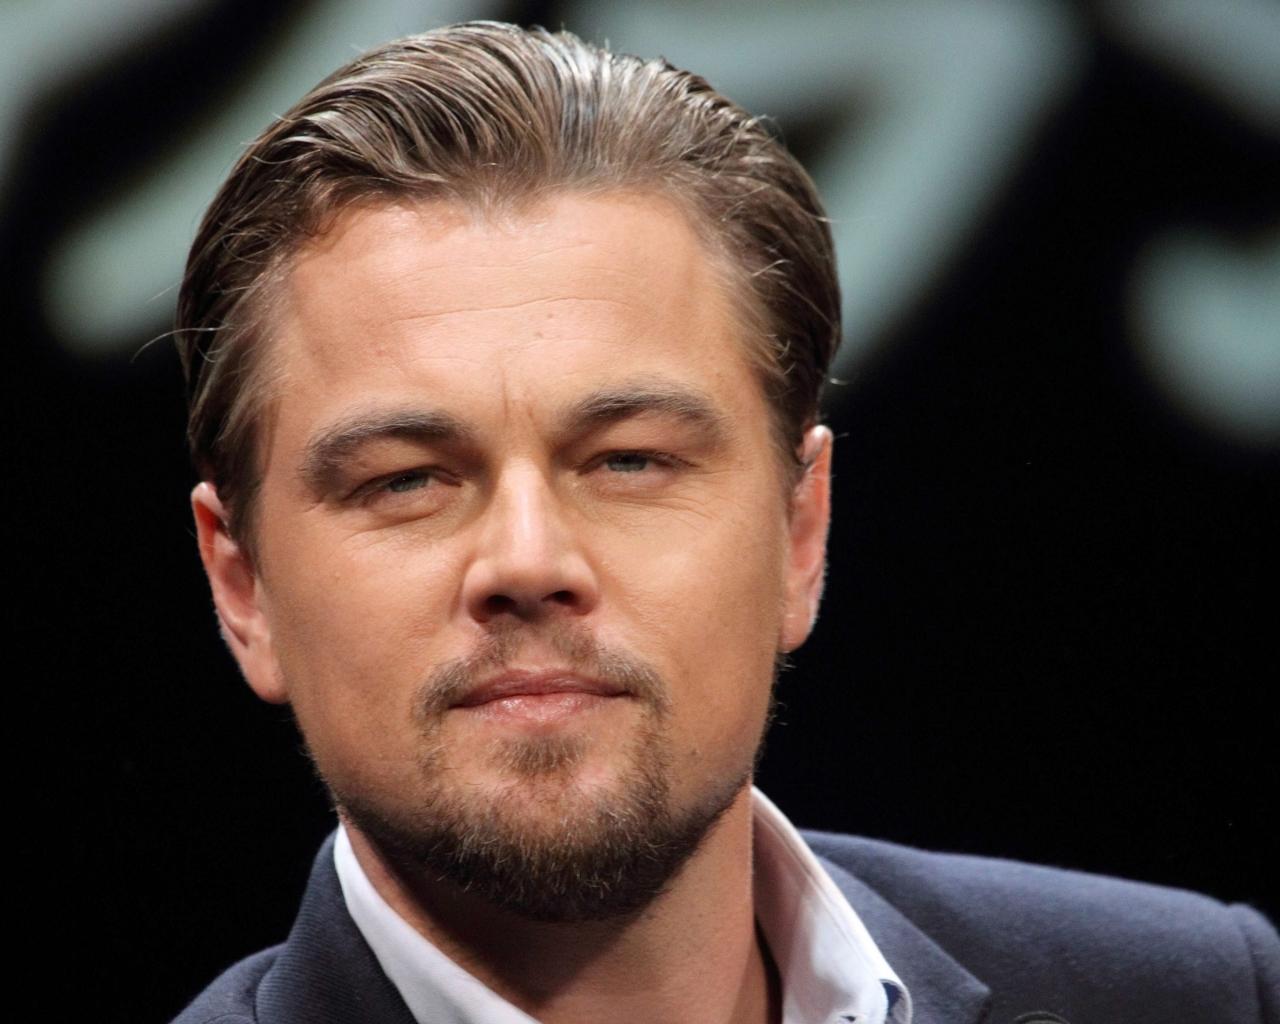 Primer ministro de Canadá rechaza reto de cubo de agua propuesto por DiCaprio